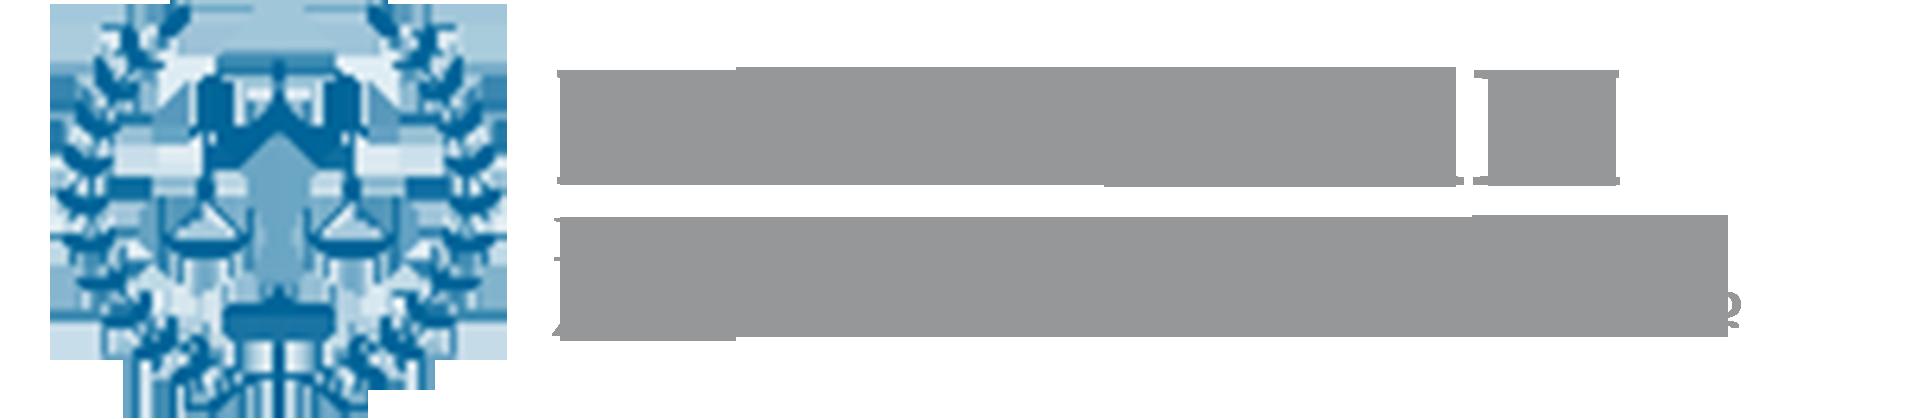 https://www.e-draft.am/